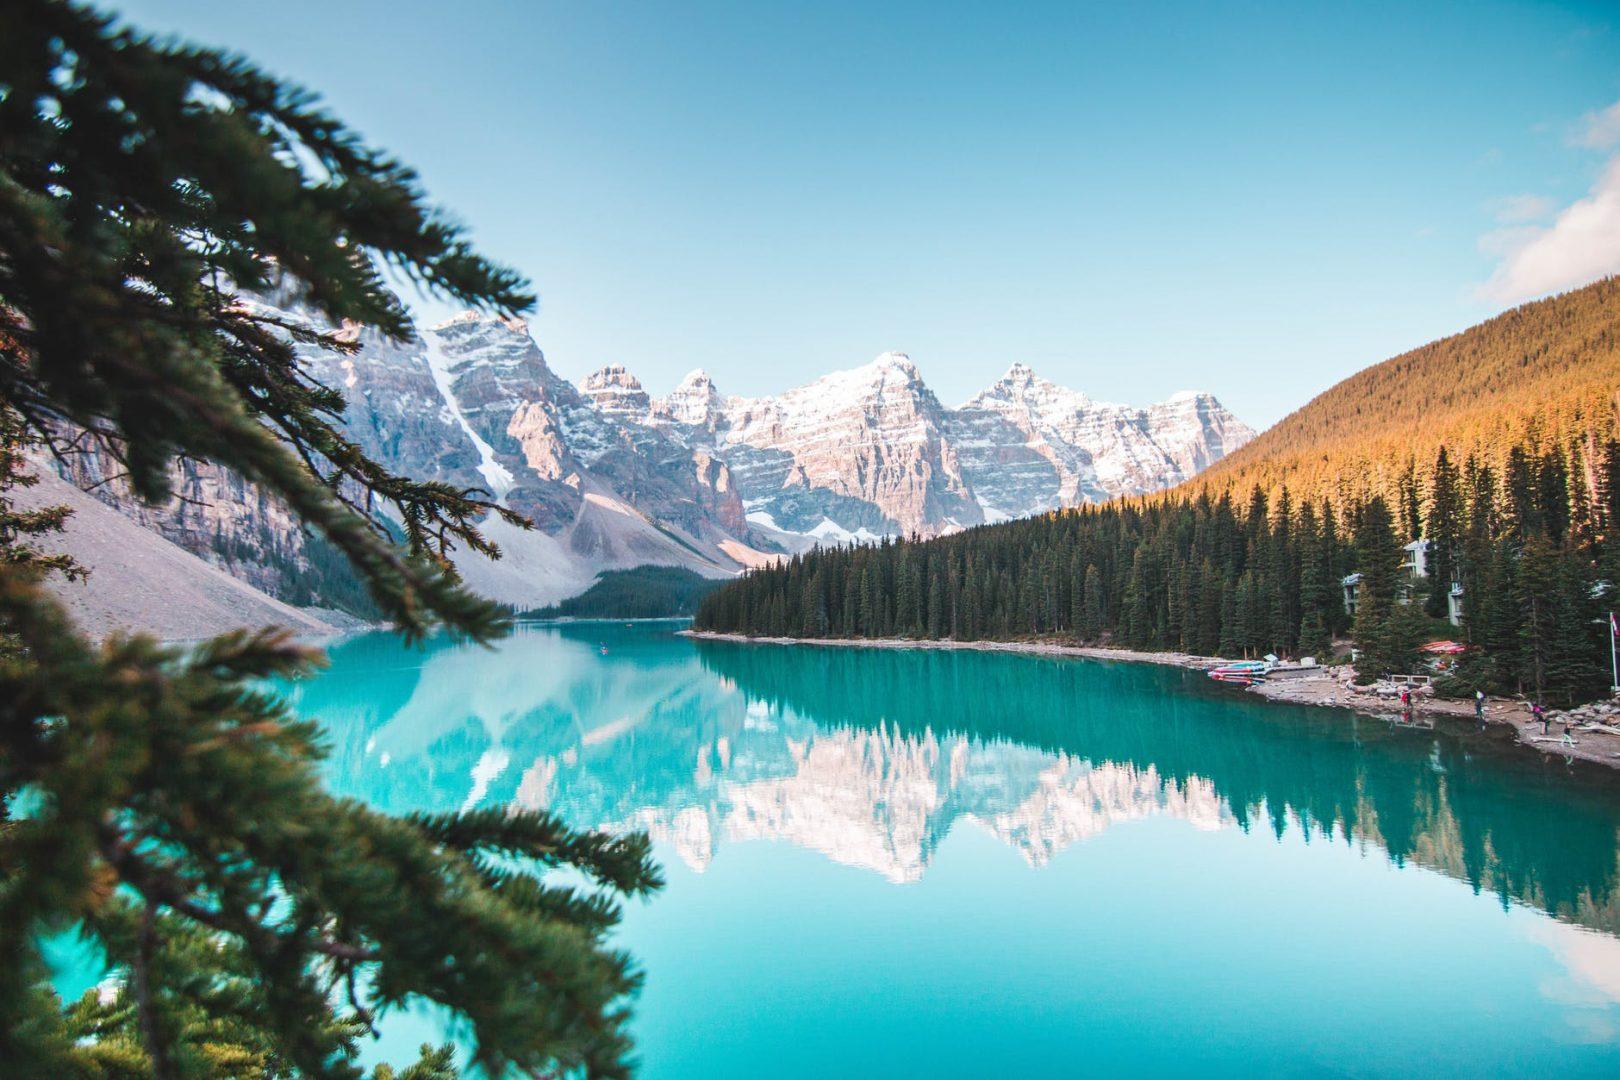 Сокровище Аляски, тур в самый большой штат Америки. Обязательное наличие визы США